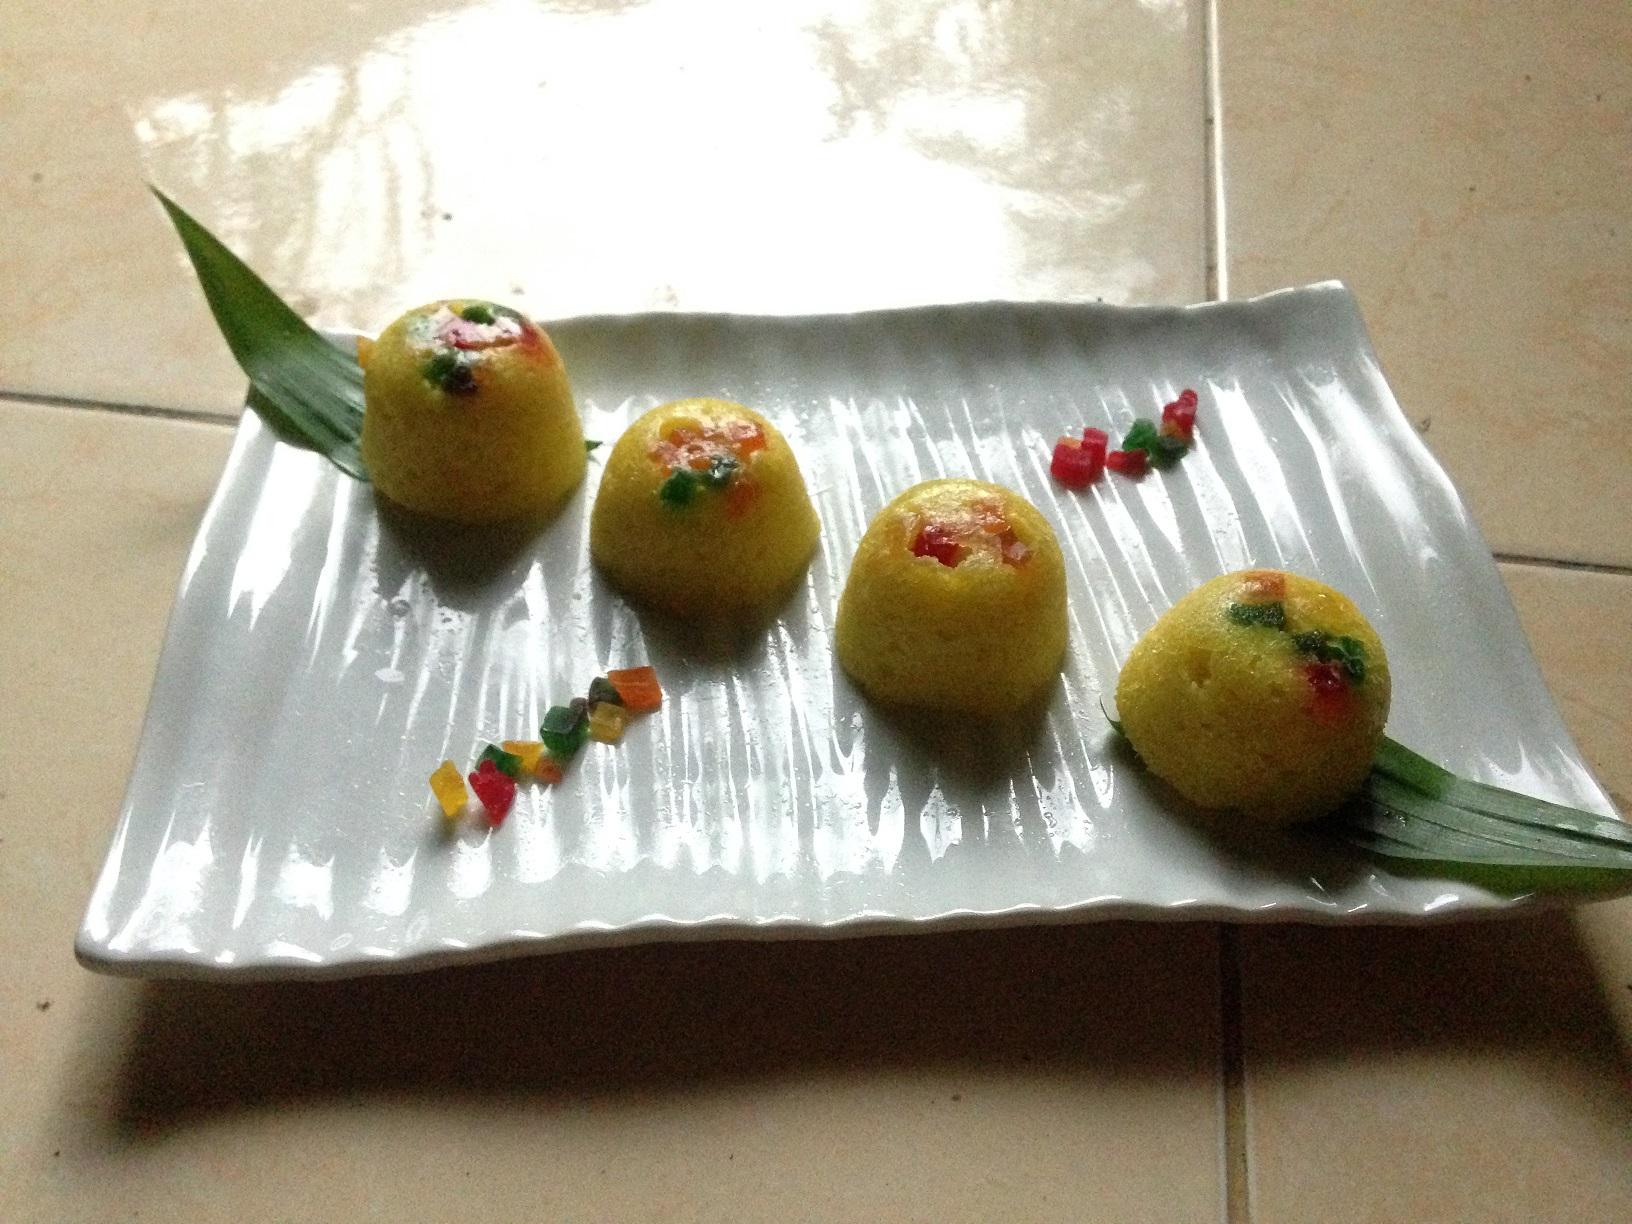 Pembuatan Kue Ubi Nanas Dari Ubi Kayu Singkong Kelompok At237